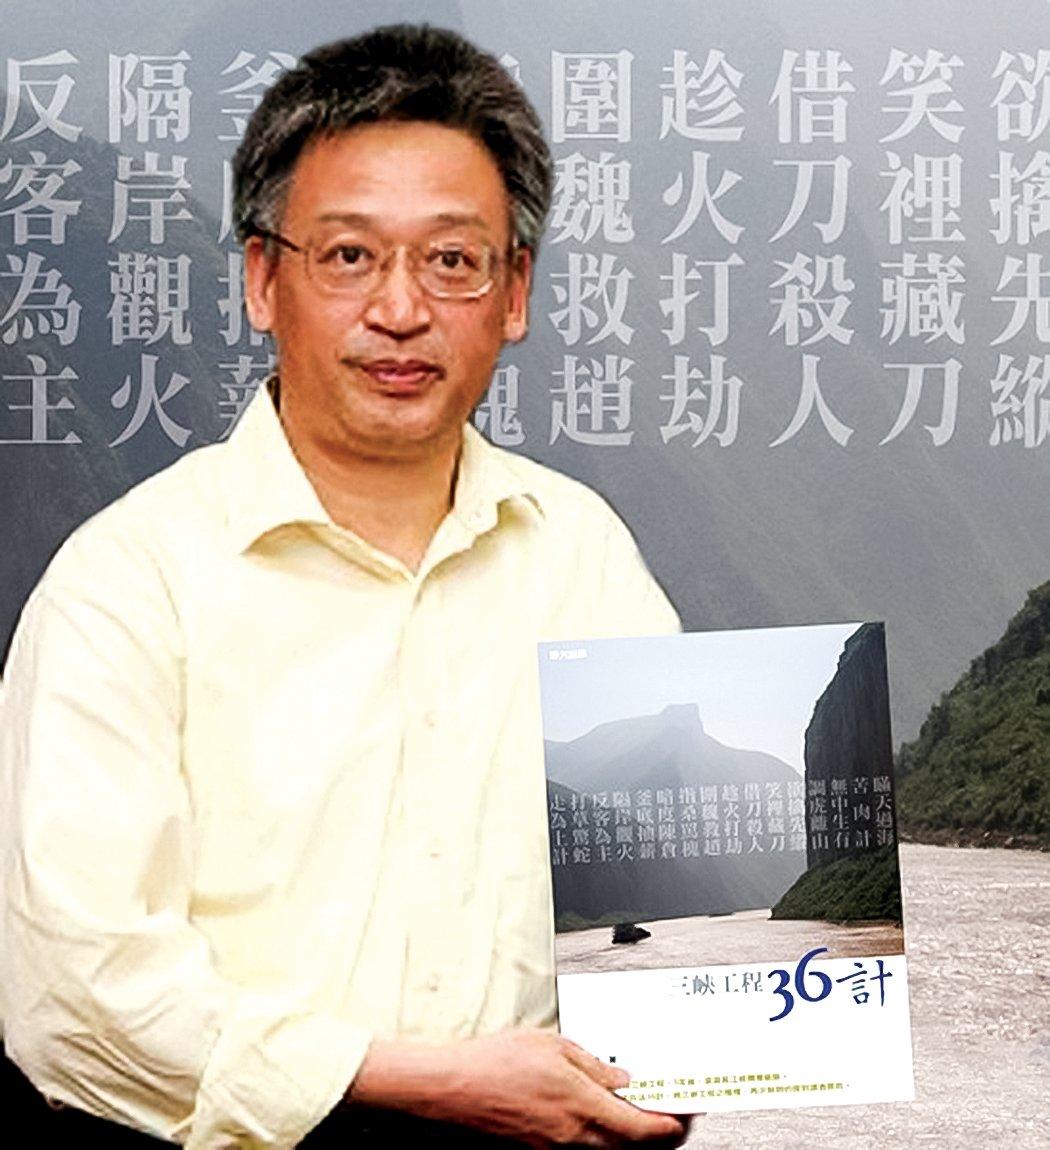 旅居德國的著名國土規劃專家、《三峽工程36計》一書的作者王維洛博士。(大紀元)